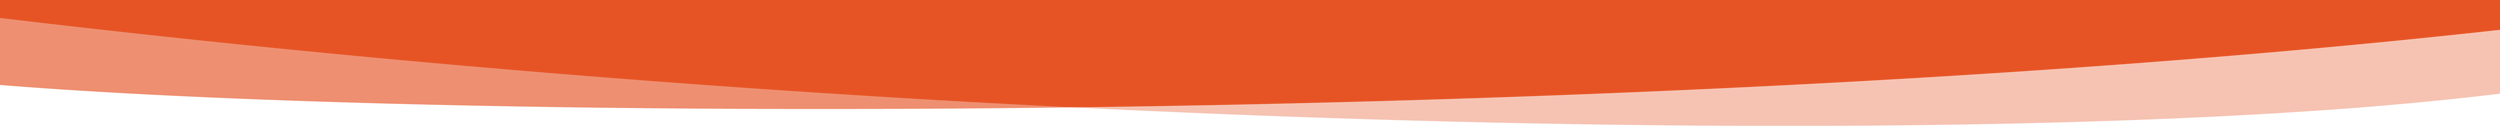 oranjesectie-onder smal